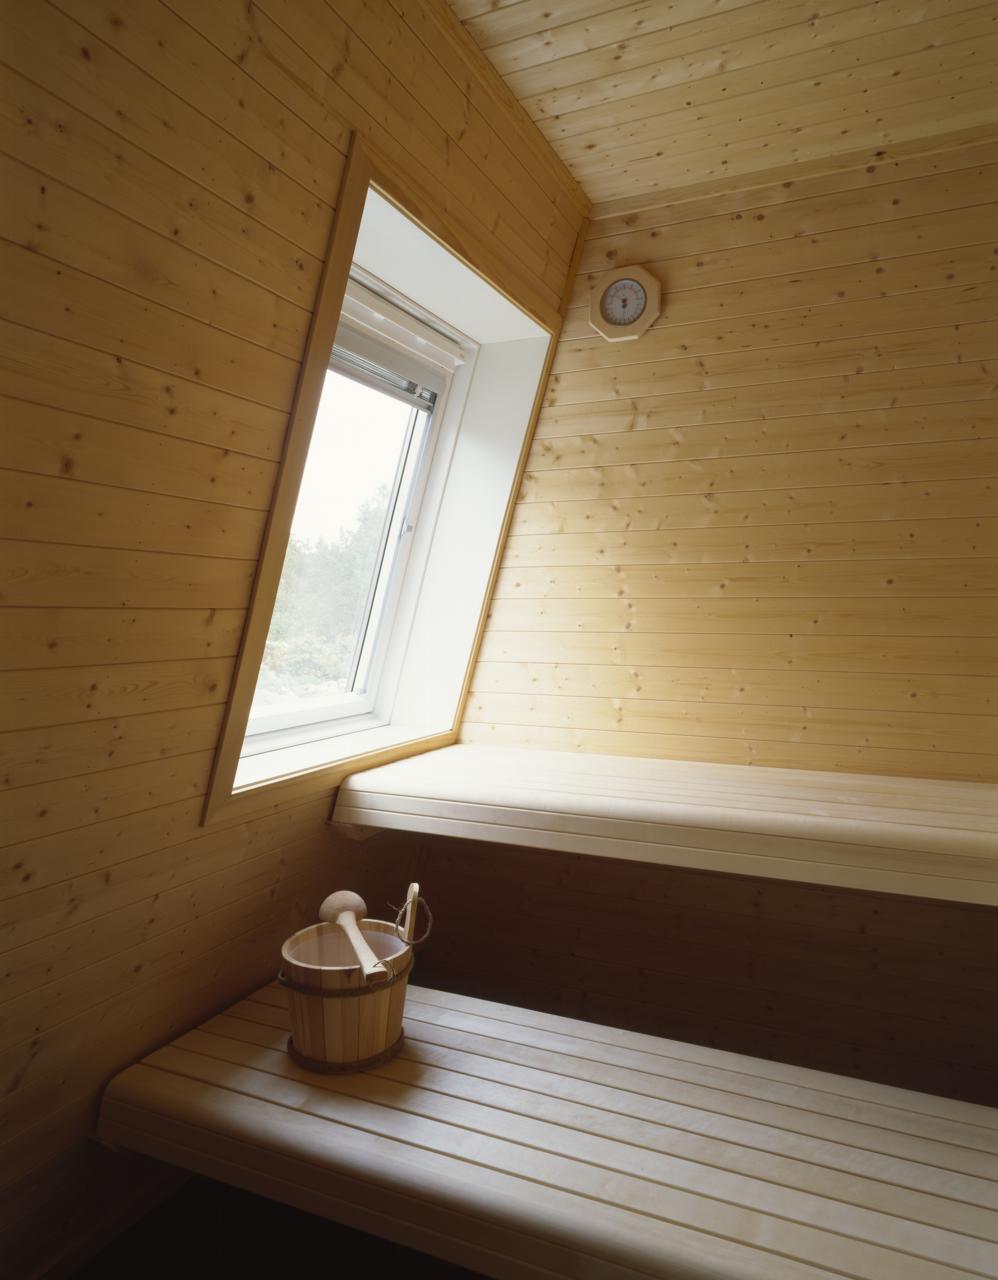 Wollen Sie nicht nur Ihrem Bad, sondern auch Ihrer Gesundheit etwas Gutes tun, ist die Anschaffung einer eigenen Sauna eine tolle Wellnessmöglichkeit für Ihr Heim. Saunieren fördert die Durchblutung, hilft Erkältungskrankheiten vorzubeugen und bietet Entspannung nach einem anstrengenden Tag.